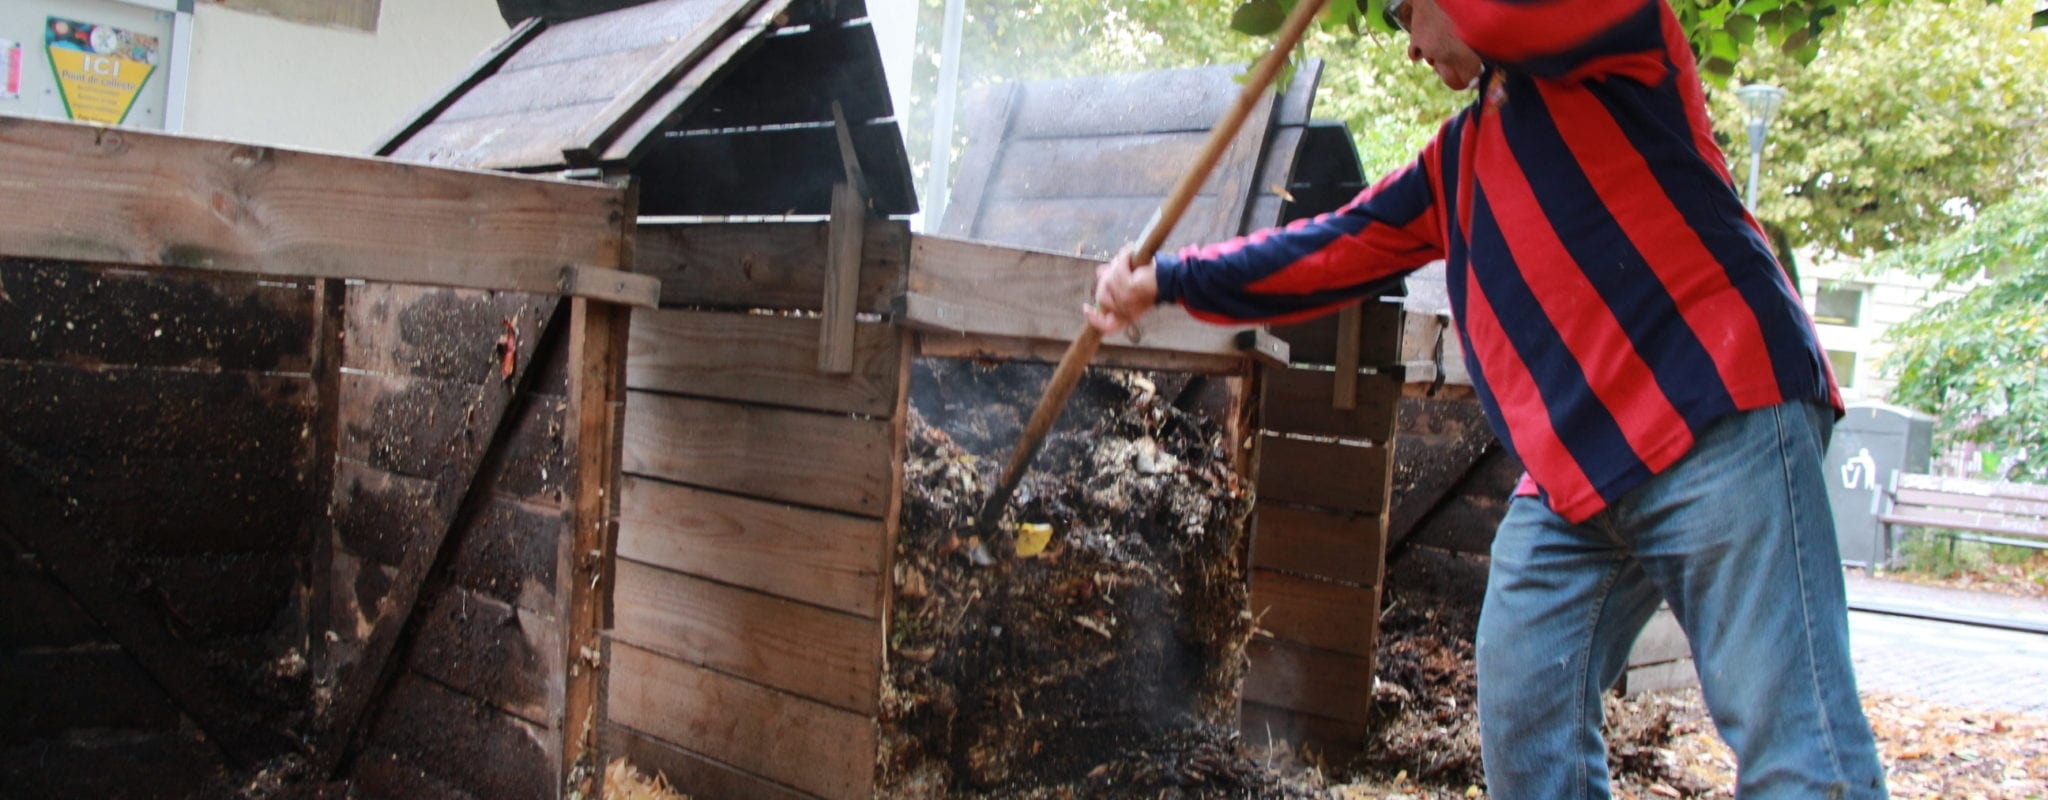 «Les bénévoles du compostage ont besoin du soutien logistique de la future mairie»